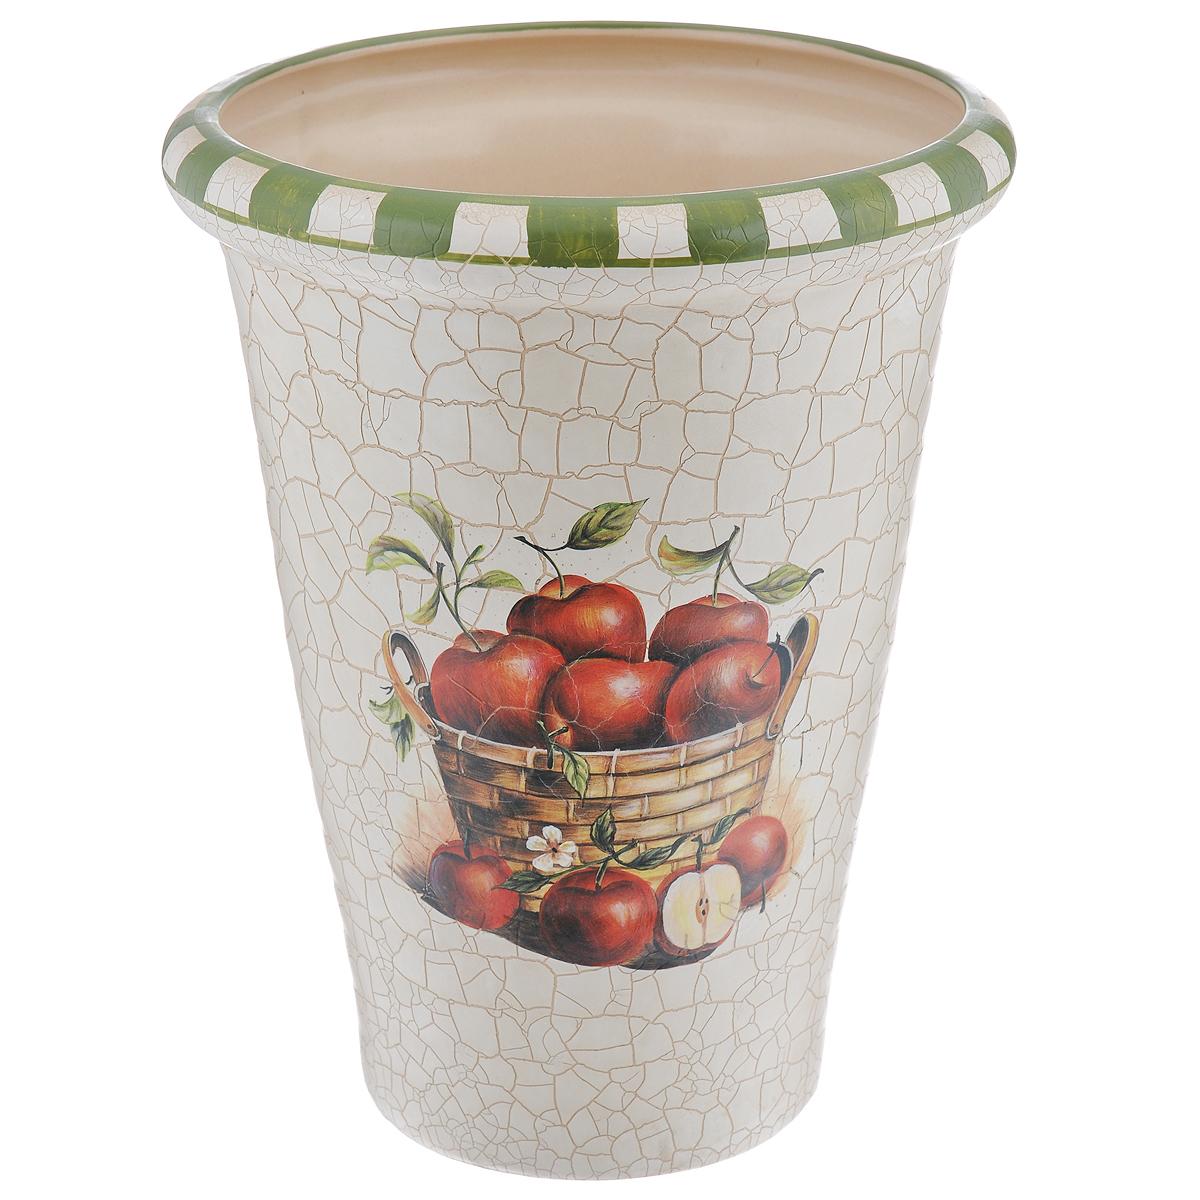 Ваза Яблоки, высота 26 смQLF26039Элегантная ваза Яблоки выполнена из высококачественной керамики и декорирована рисунком. Она придется по вкусу и ценителям классики, и тем, кто предпочитает утонченность и изящность. Вы можете поставить вазу в любом месте, где она будет удачно смотреться и радовать глаз. Такая ваза подойдет и для цветов, и для декора интерьера. Кроме того - это отличный вариант подарка для ваших близких и друзей. Высота вазы: 26 см. Диаметр по верхнему краю: 17 см.